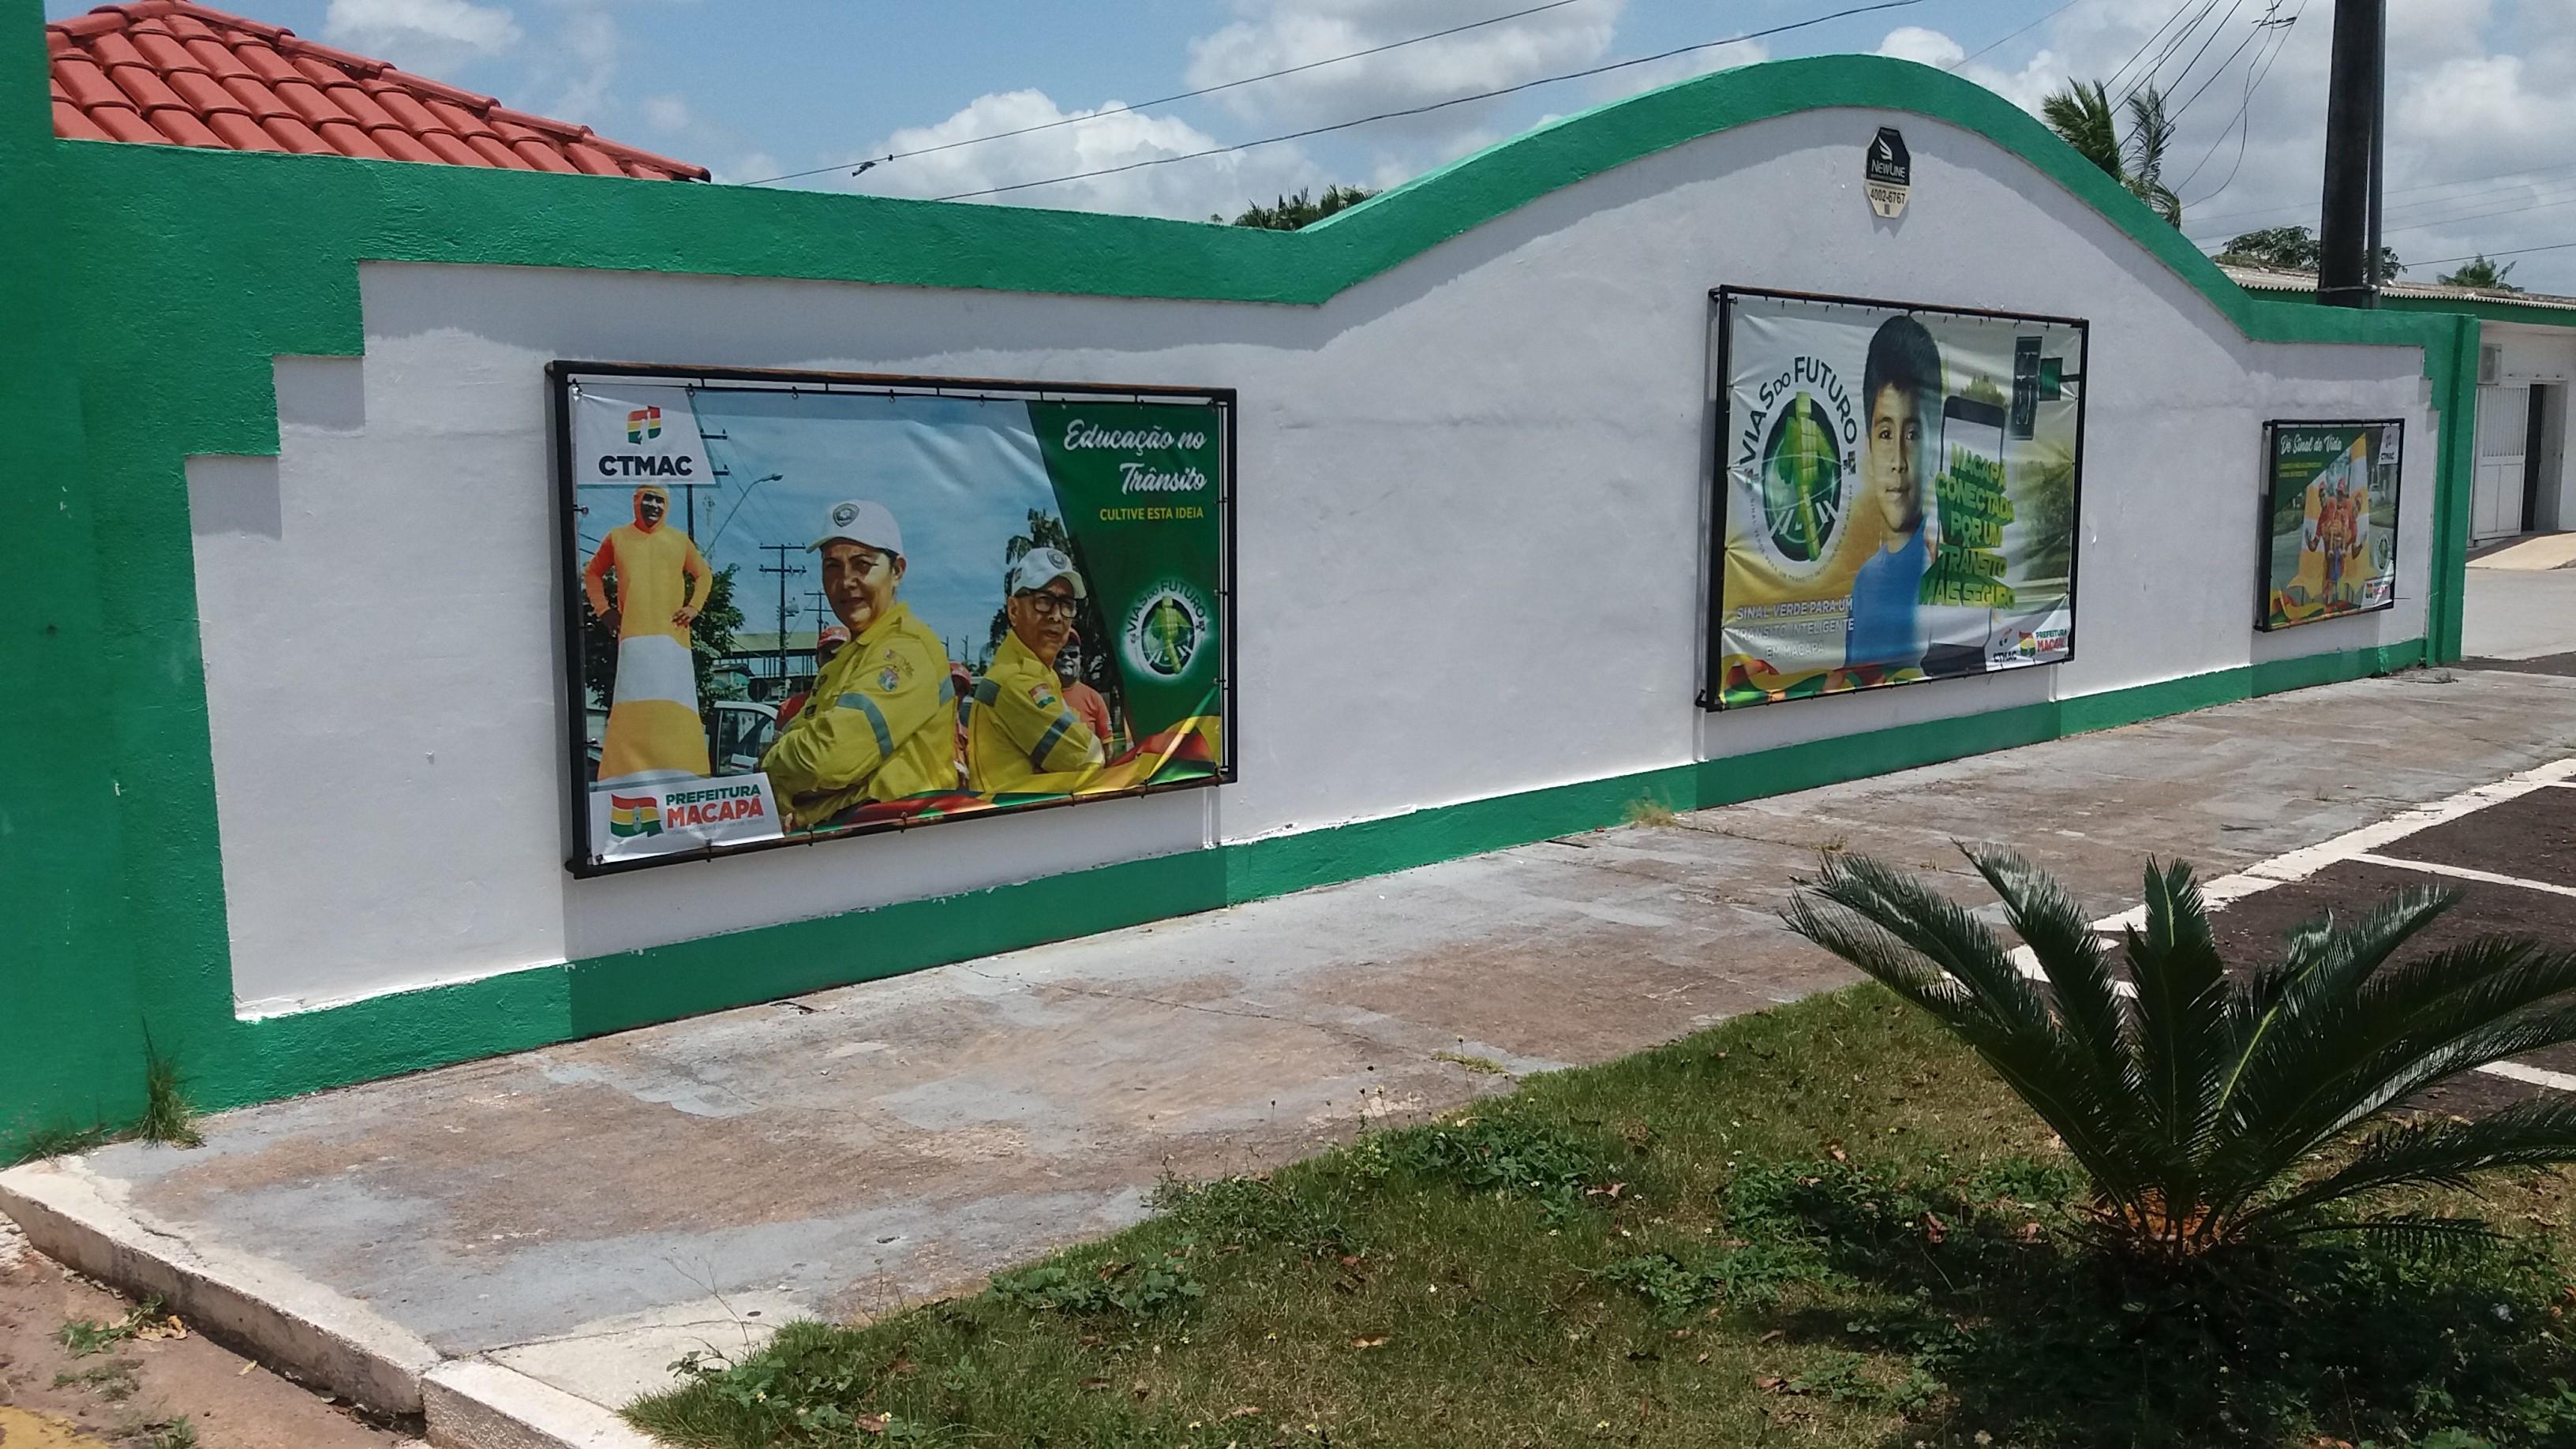 Infratores de trânsito cumprem penas em ações educativas nas escolas de Macapá